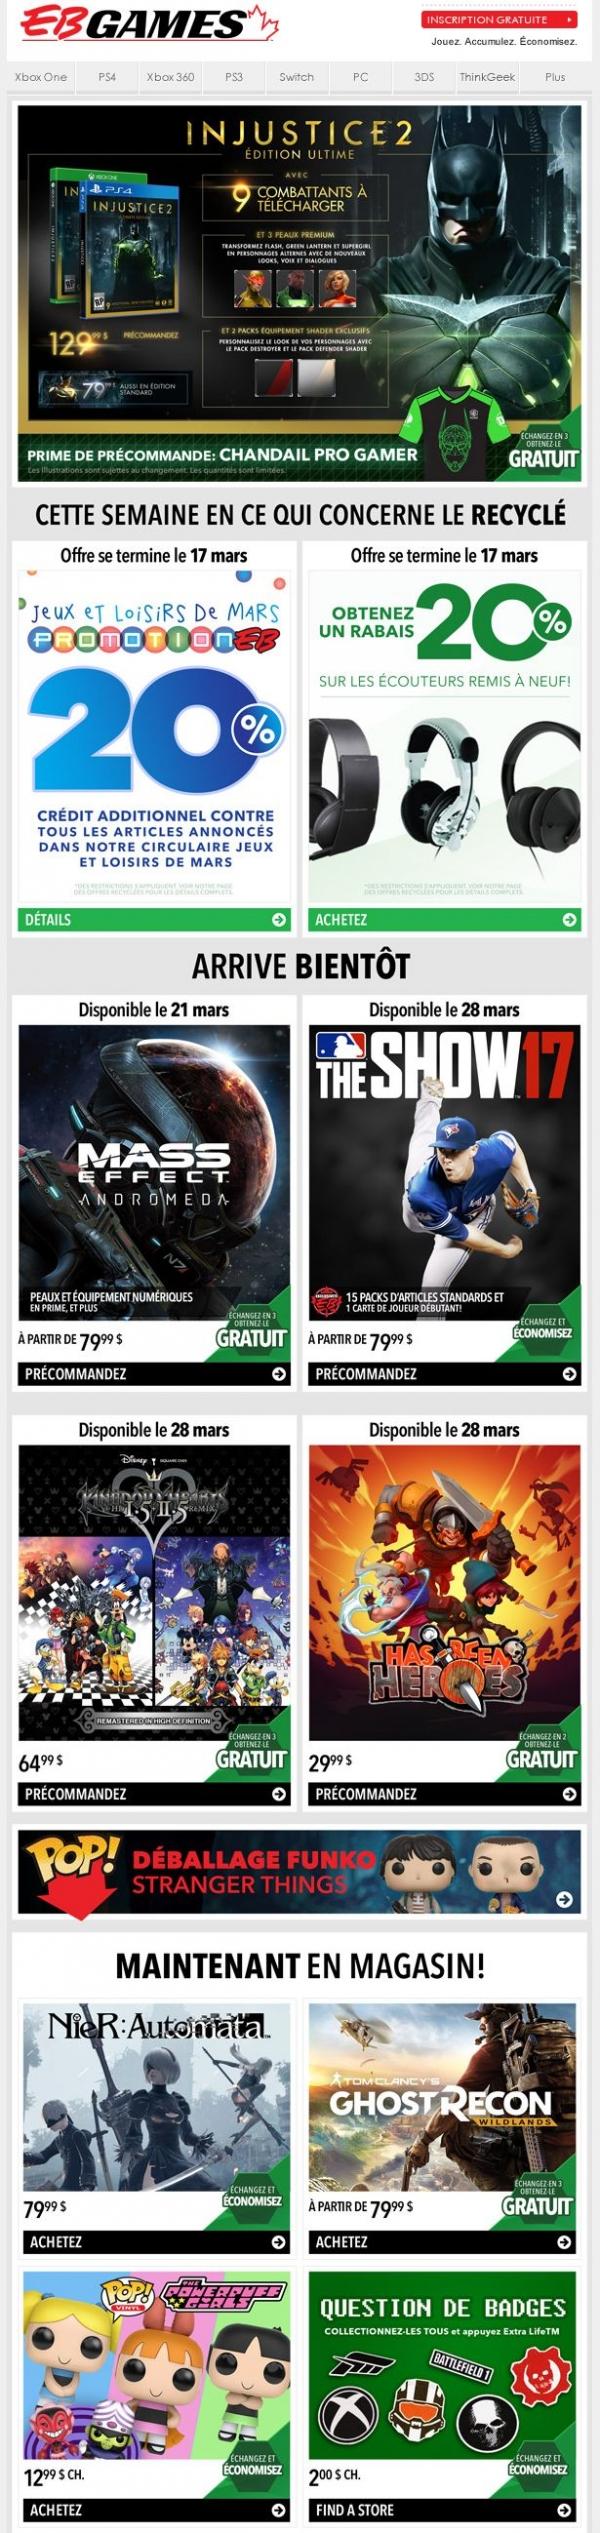 Précommandez Injustice 2 Et Obtenez Du Contenu Téléchargeable En Prime Et Un Chandail Pro Gamer Exclusif! Promotions Rabais